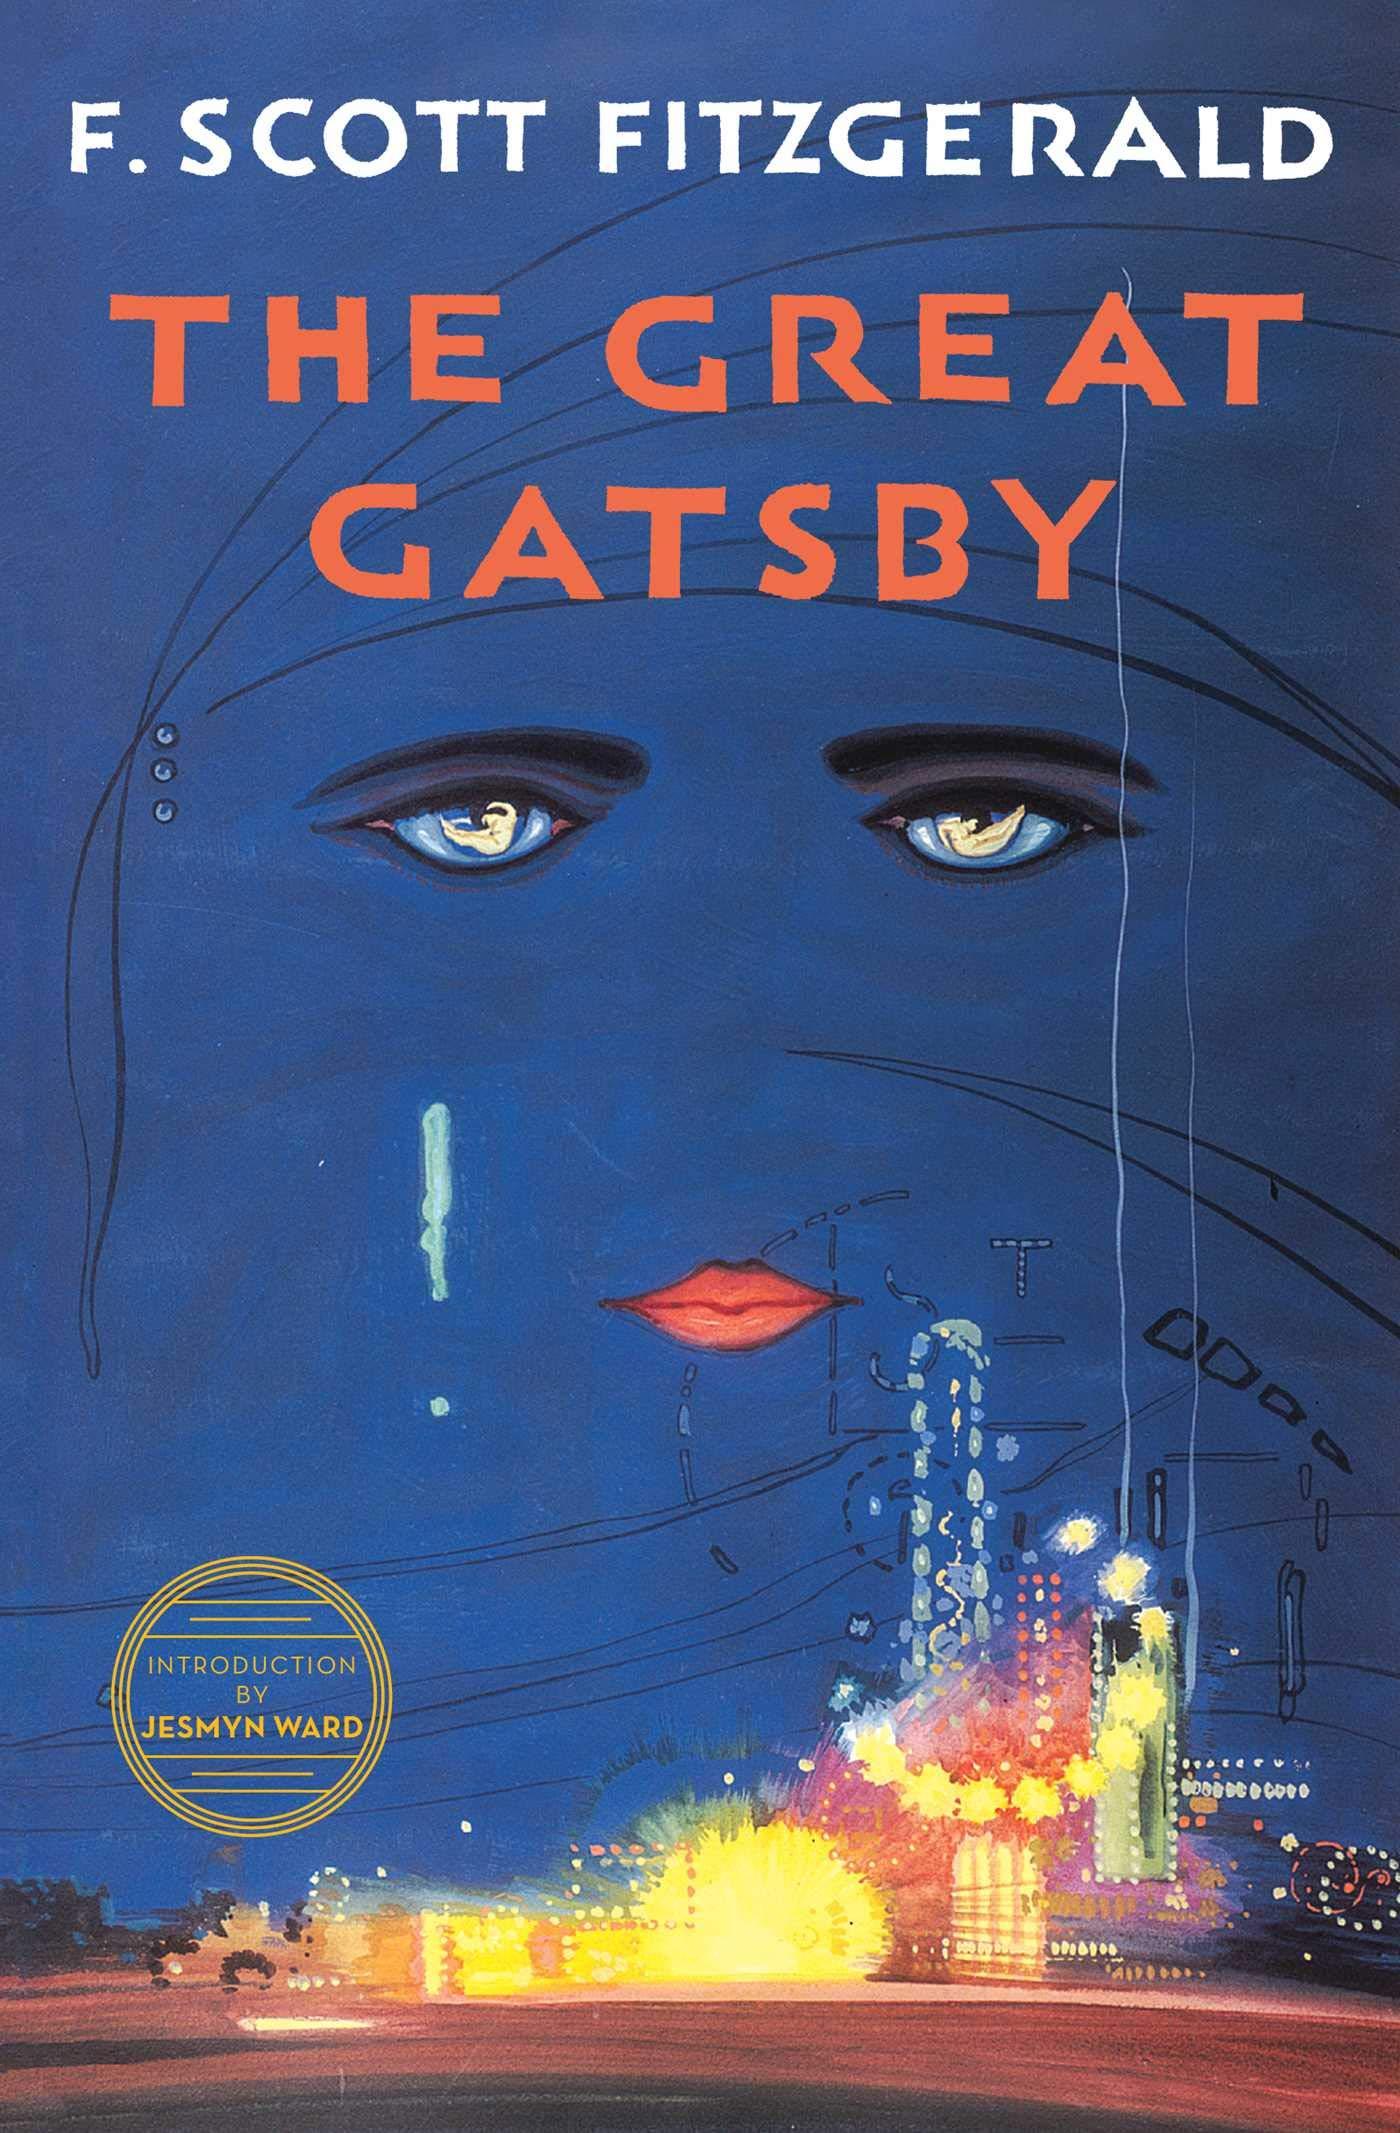 The Great Gatsby de F. Scott Fitzgerald en el Book Club